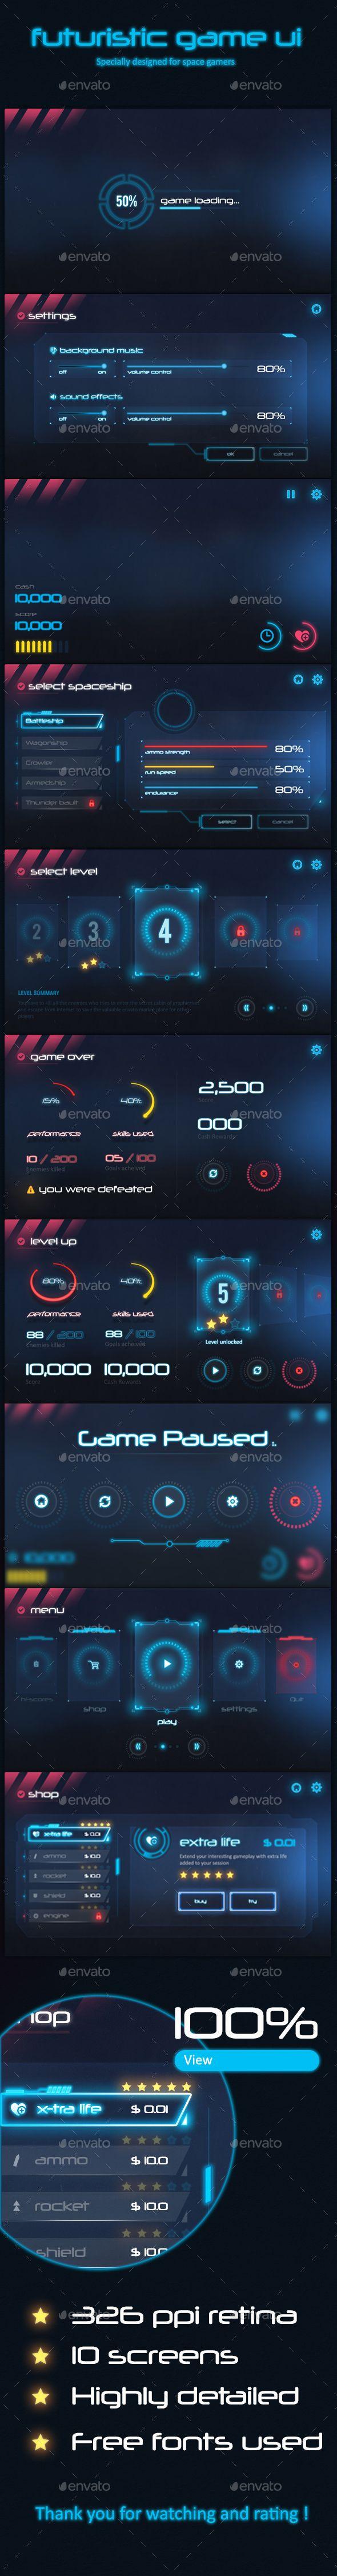 Futuristic Game Ui PSD